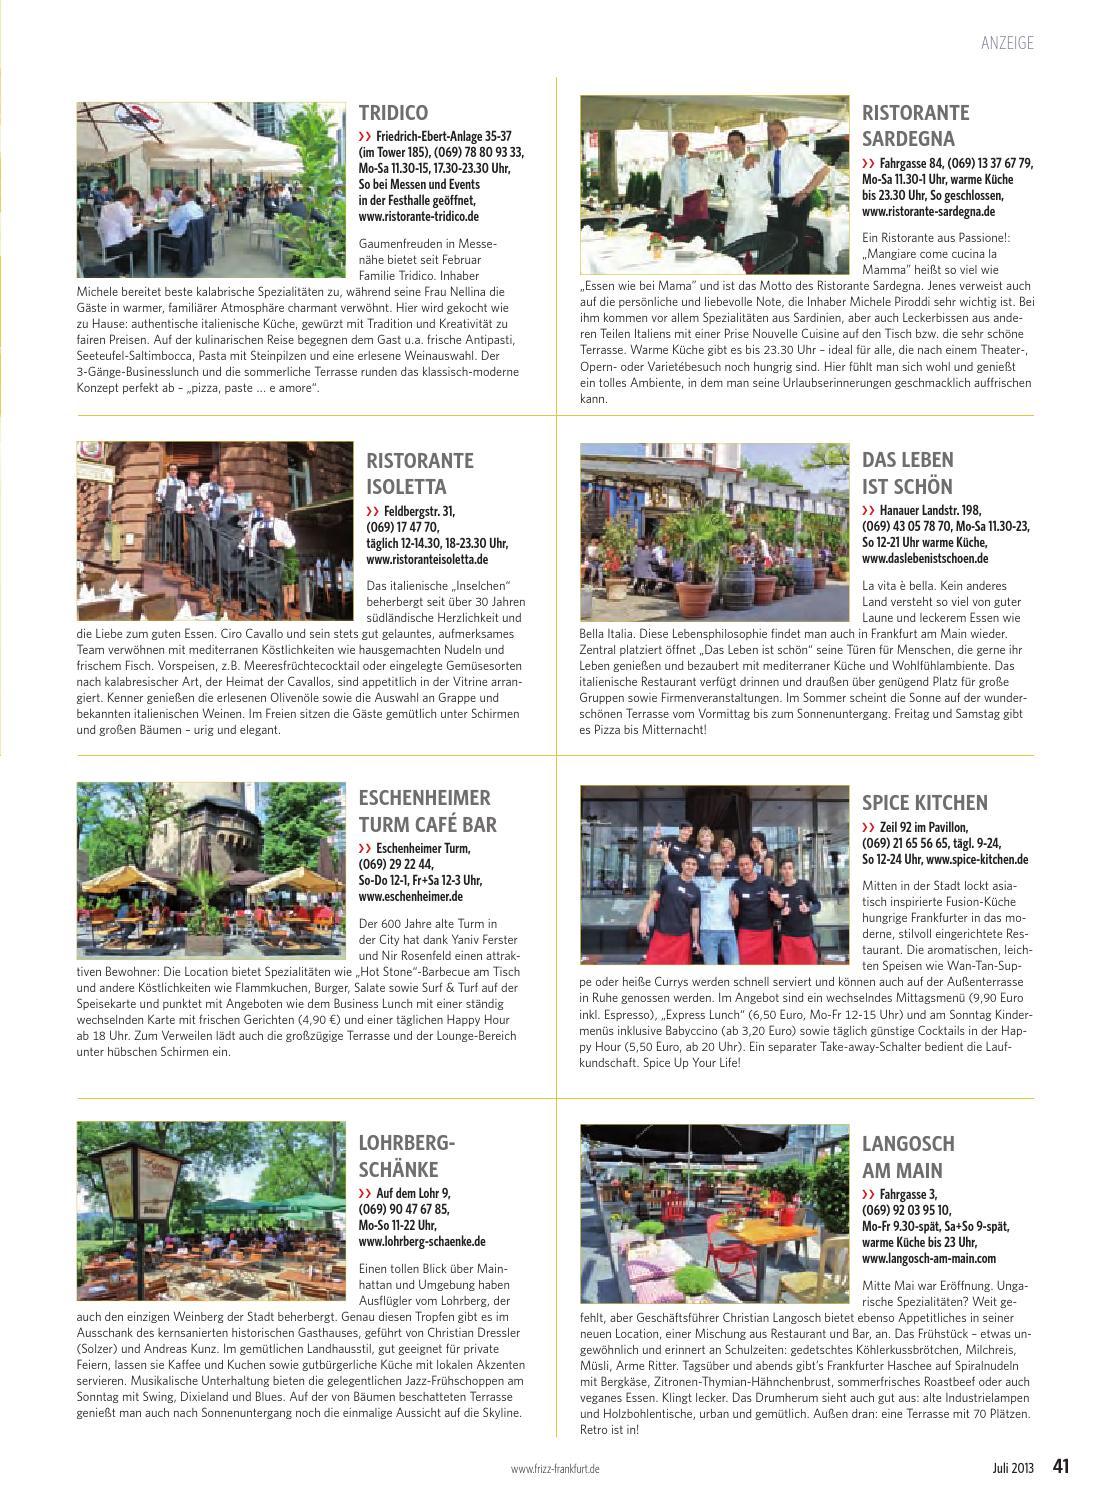 FRIZZ Das Magazin Frankfurt Juli 2013 by frizz frankfurt - issuu